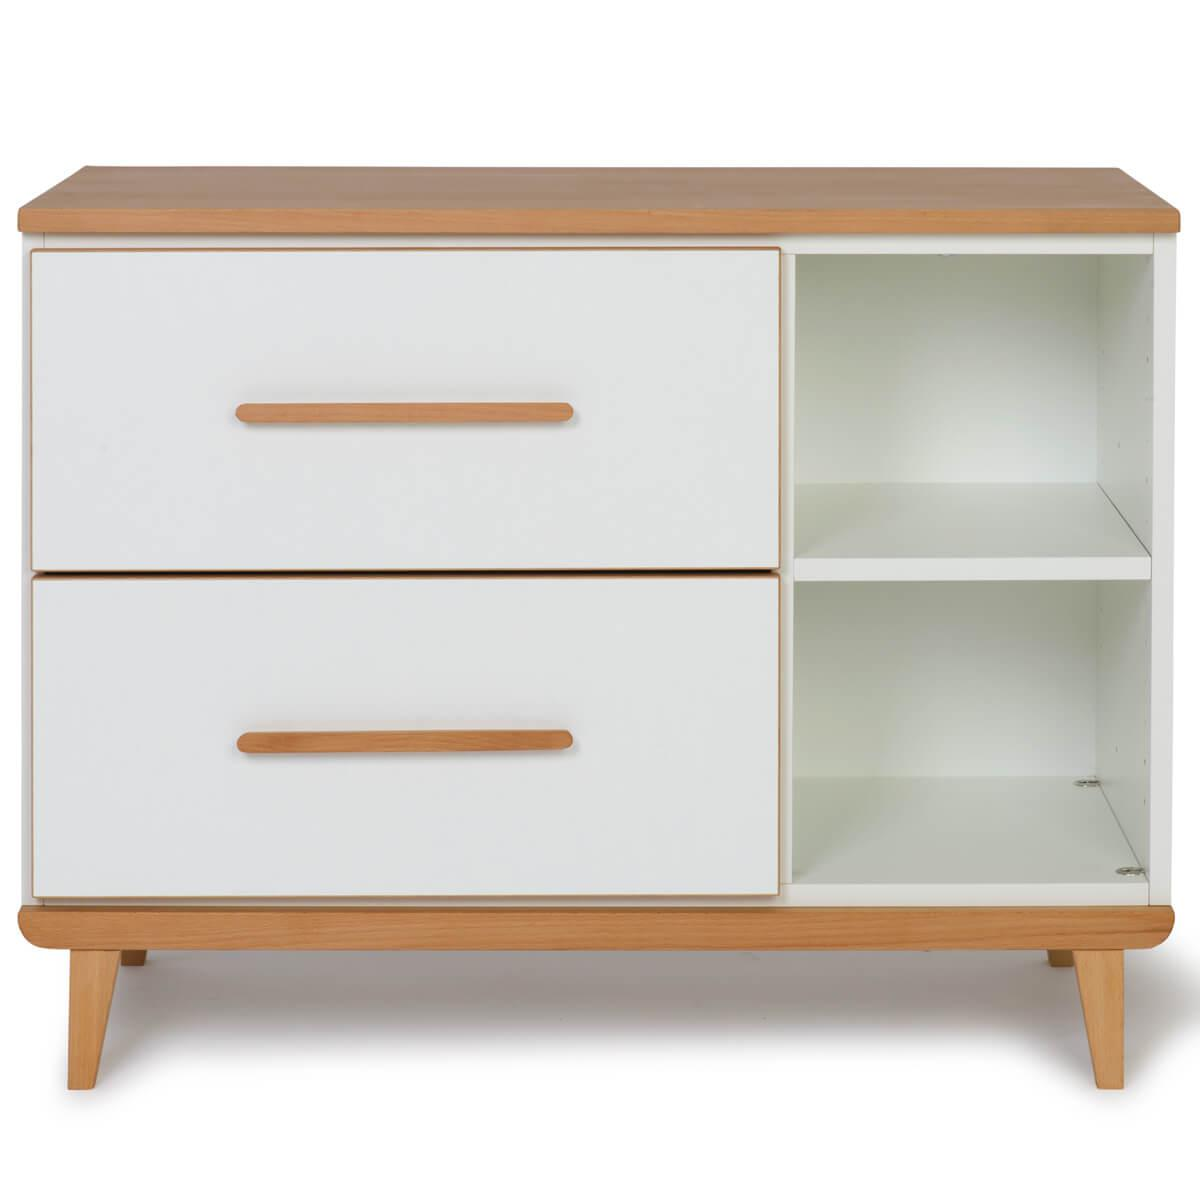 Petit meuble 2 tiroirs NADO white